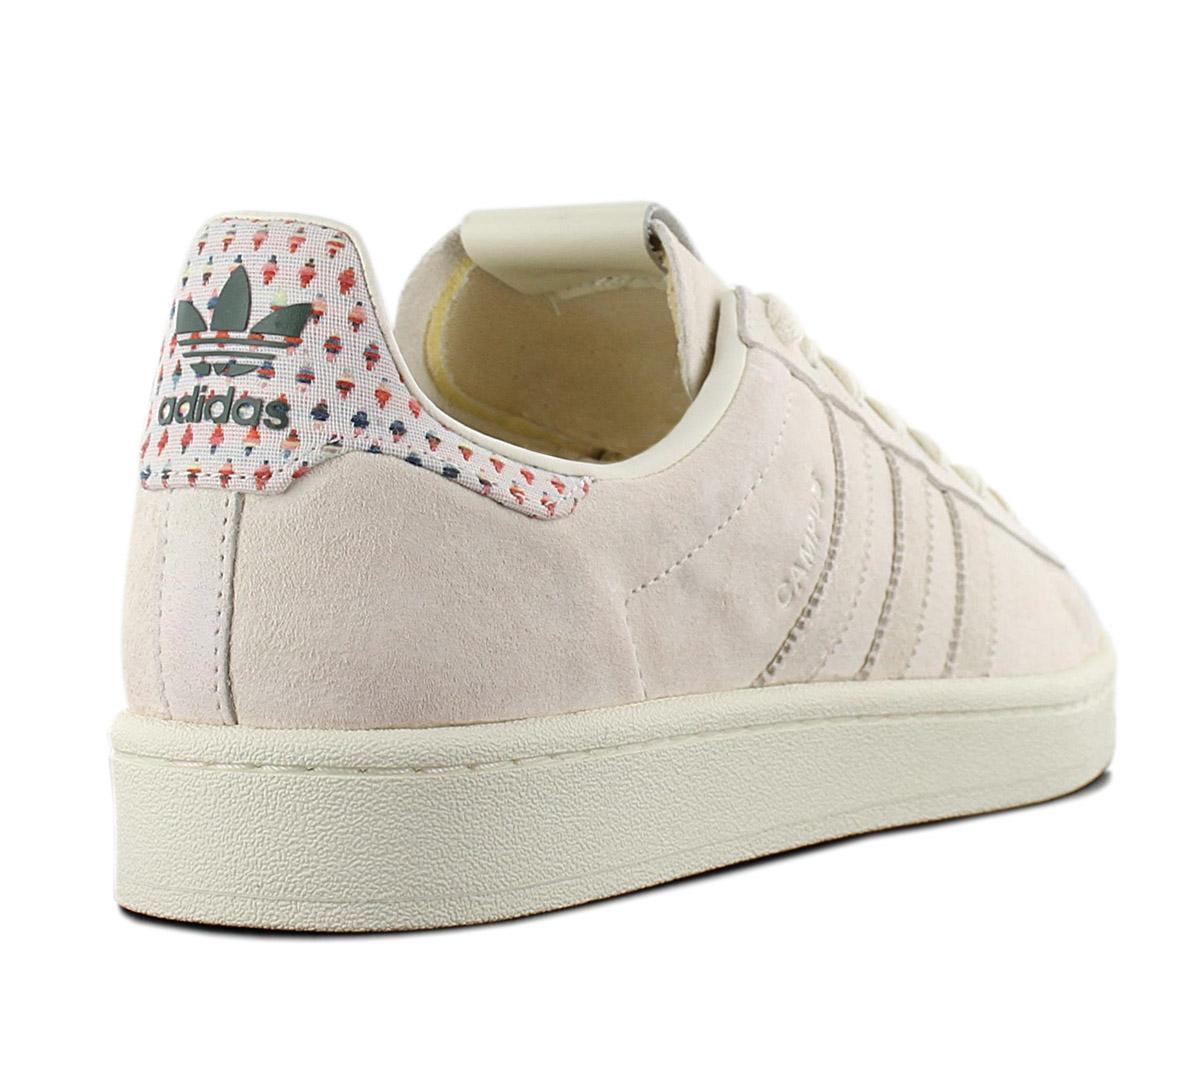 Adidas Originals Campus Pride Men/'s Sneaker B42000 Leather Cream-White Shoes New